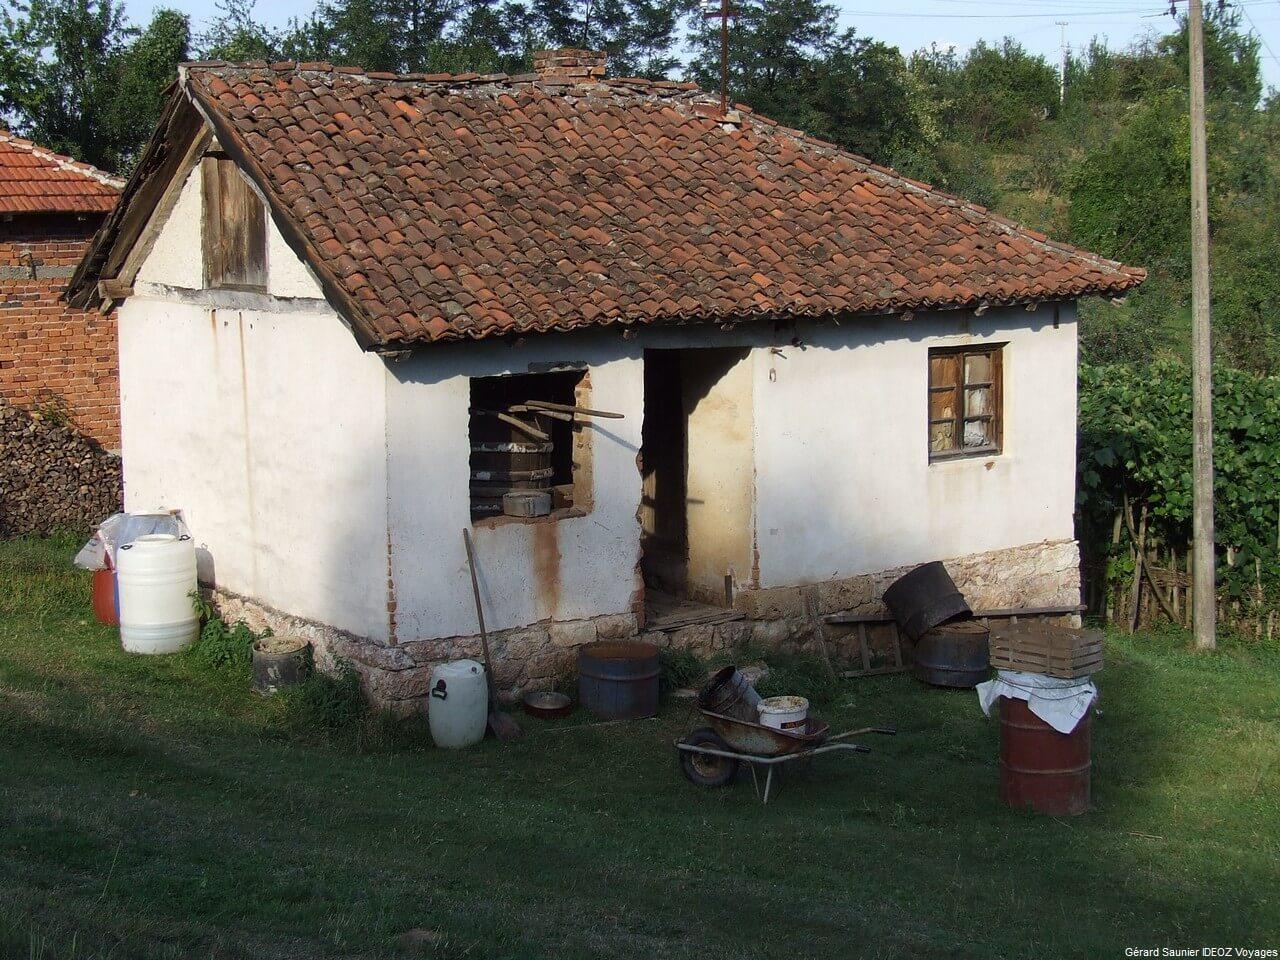 Rencontre inoubliable à Arilje en Serbie centrale : merveilleux souvenir 14